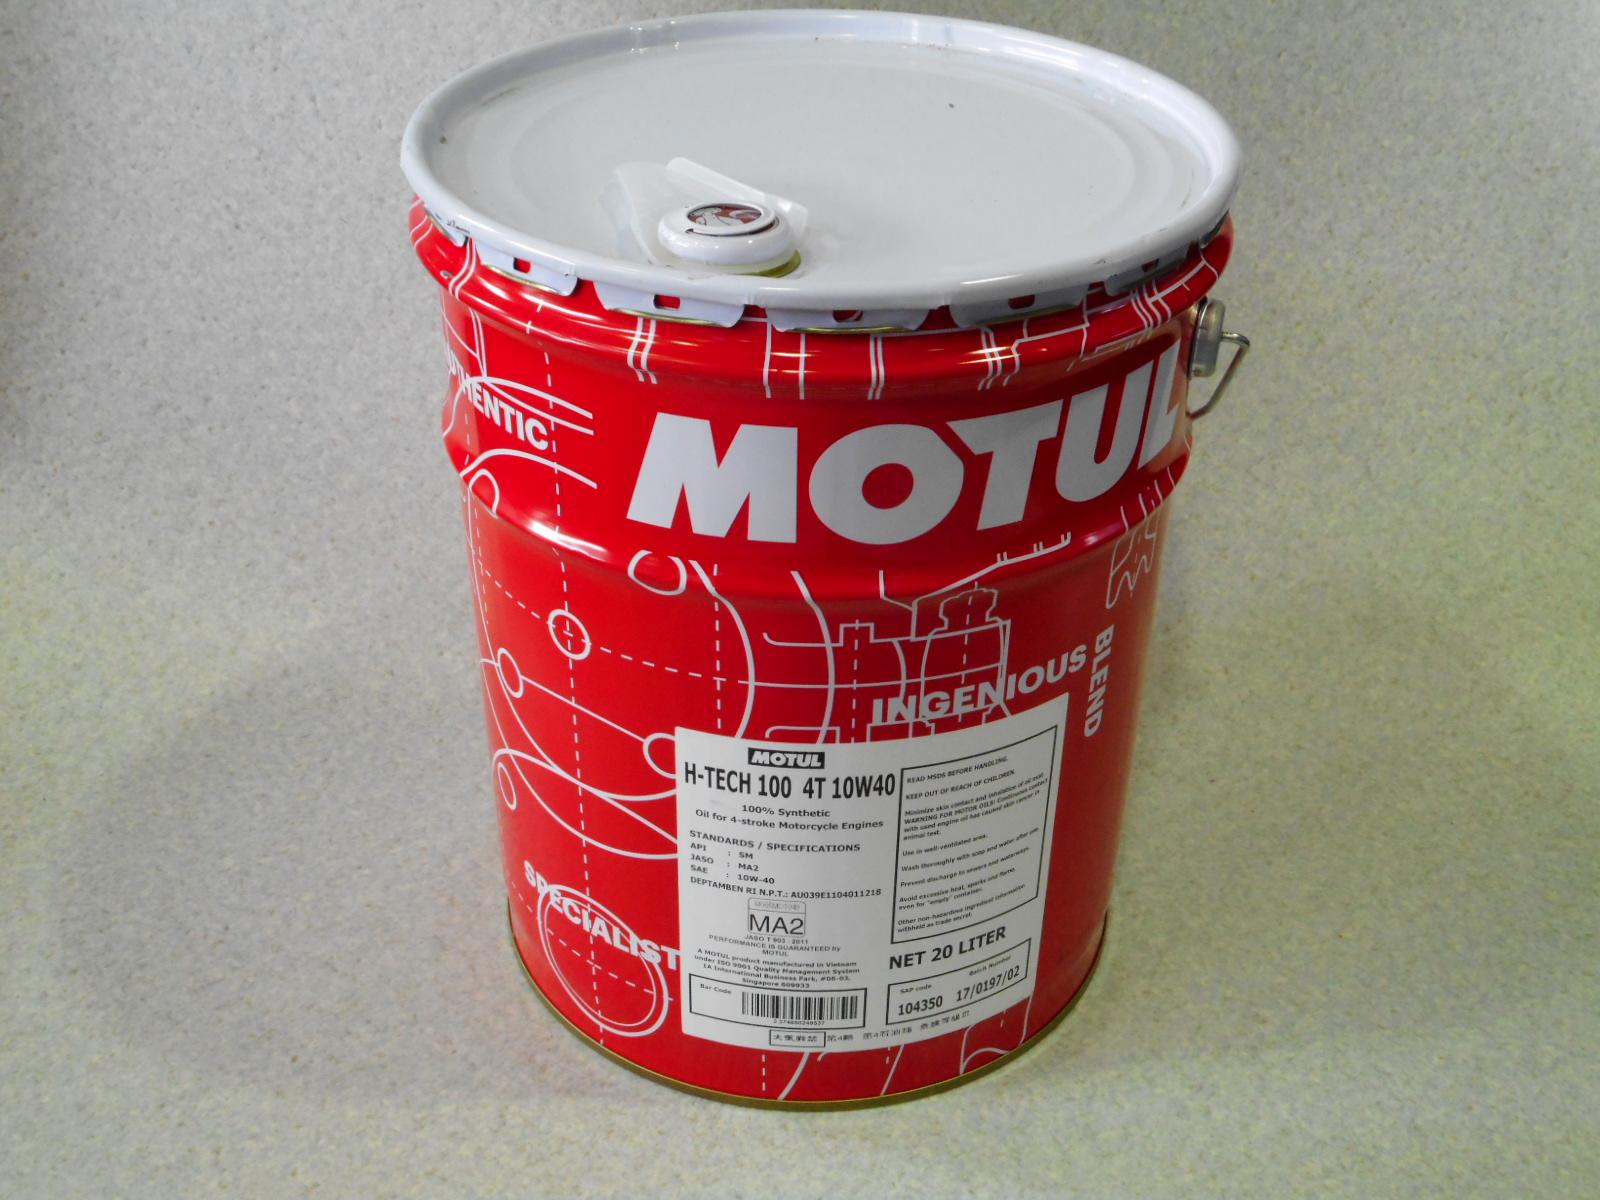 [国内正規品]MOTUL H-TECH 100 4T【10W-40 20L×1缶】 モチュール バイク 2輪 100%化学合成 4サイクル 4ストローク オイル エンジンオイル 10w40 モチュールオイル 20L ペール 業務用